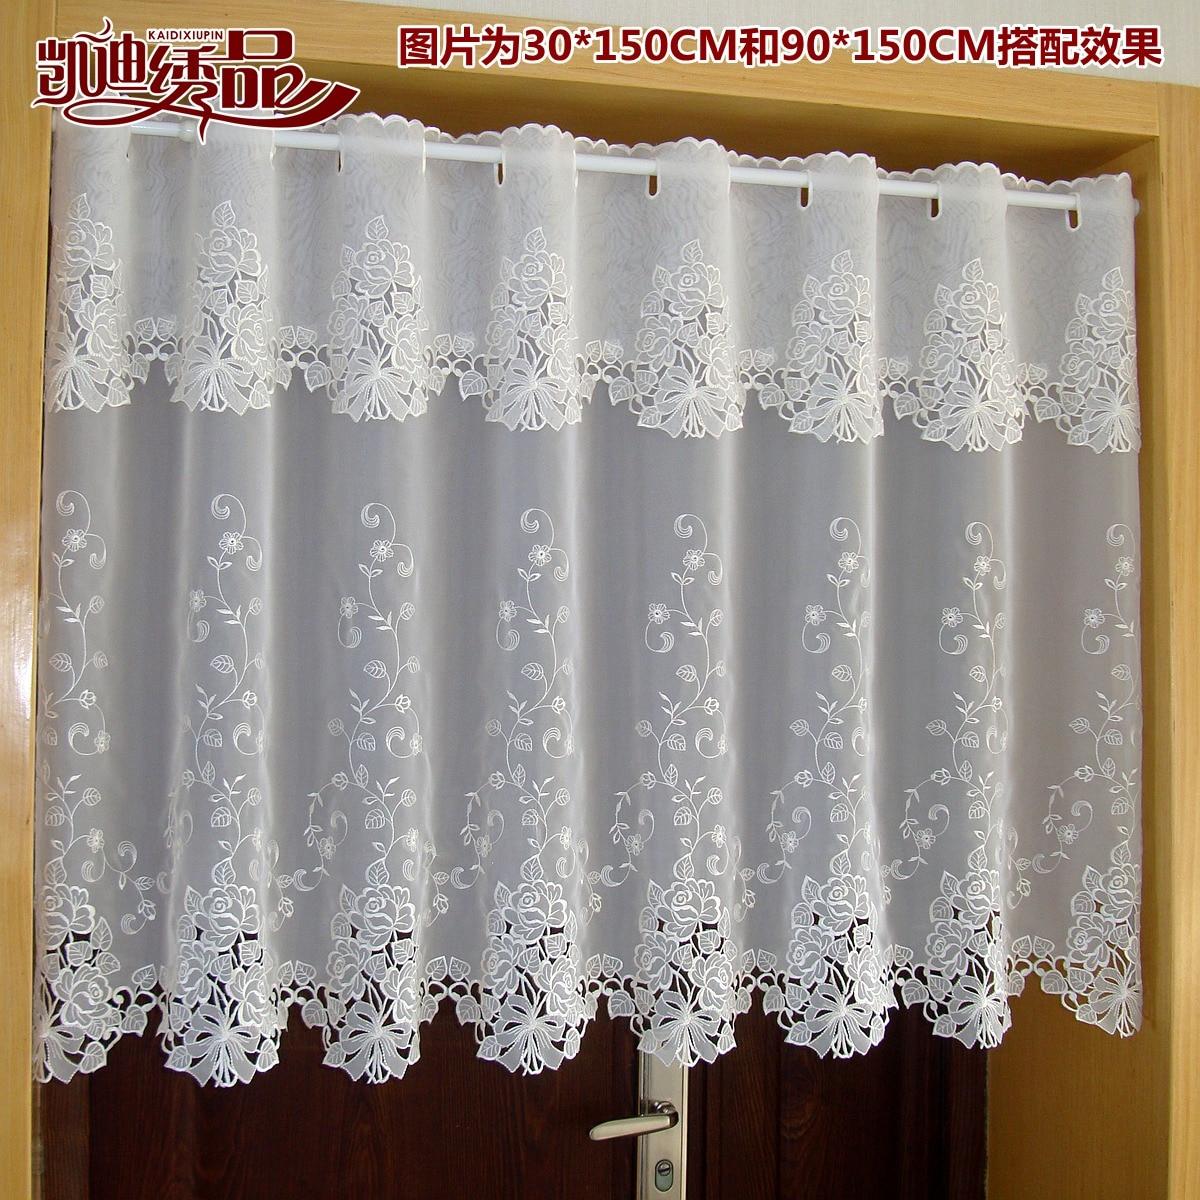 Gordijn buis koop goedkope gordijn buis loten van chinese gordijn ...